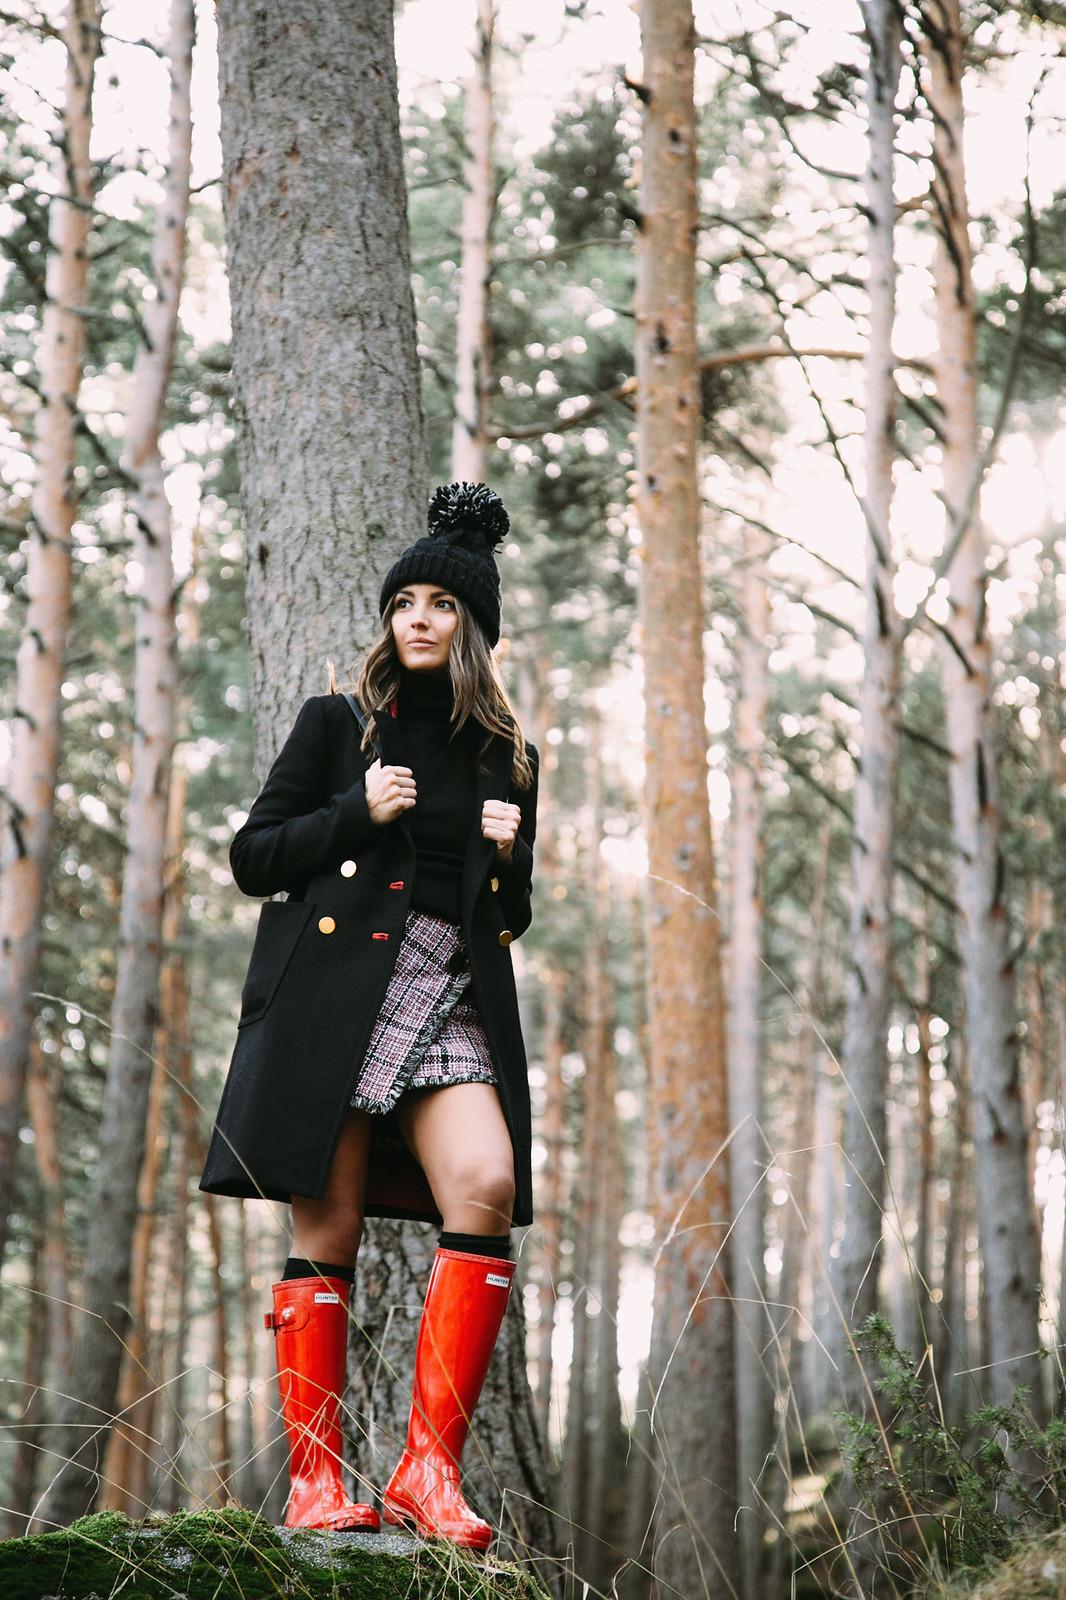 woods-19